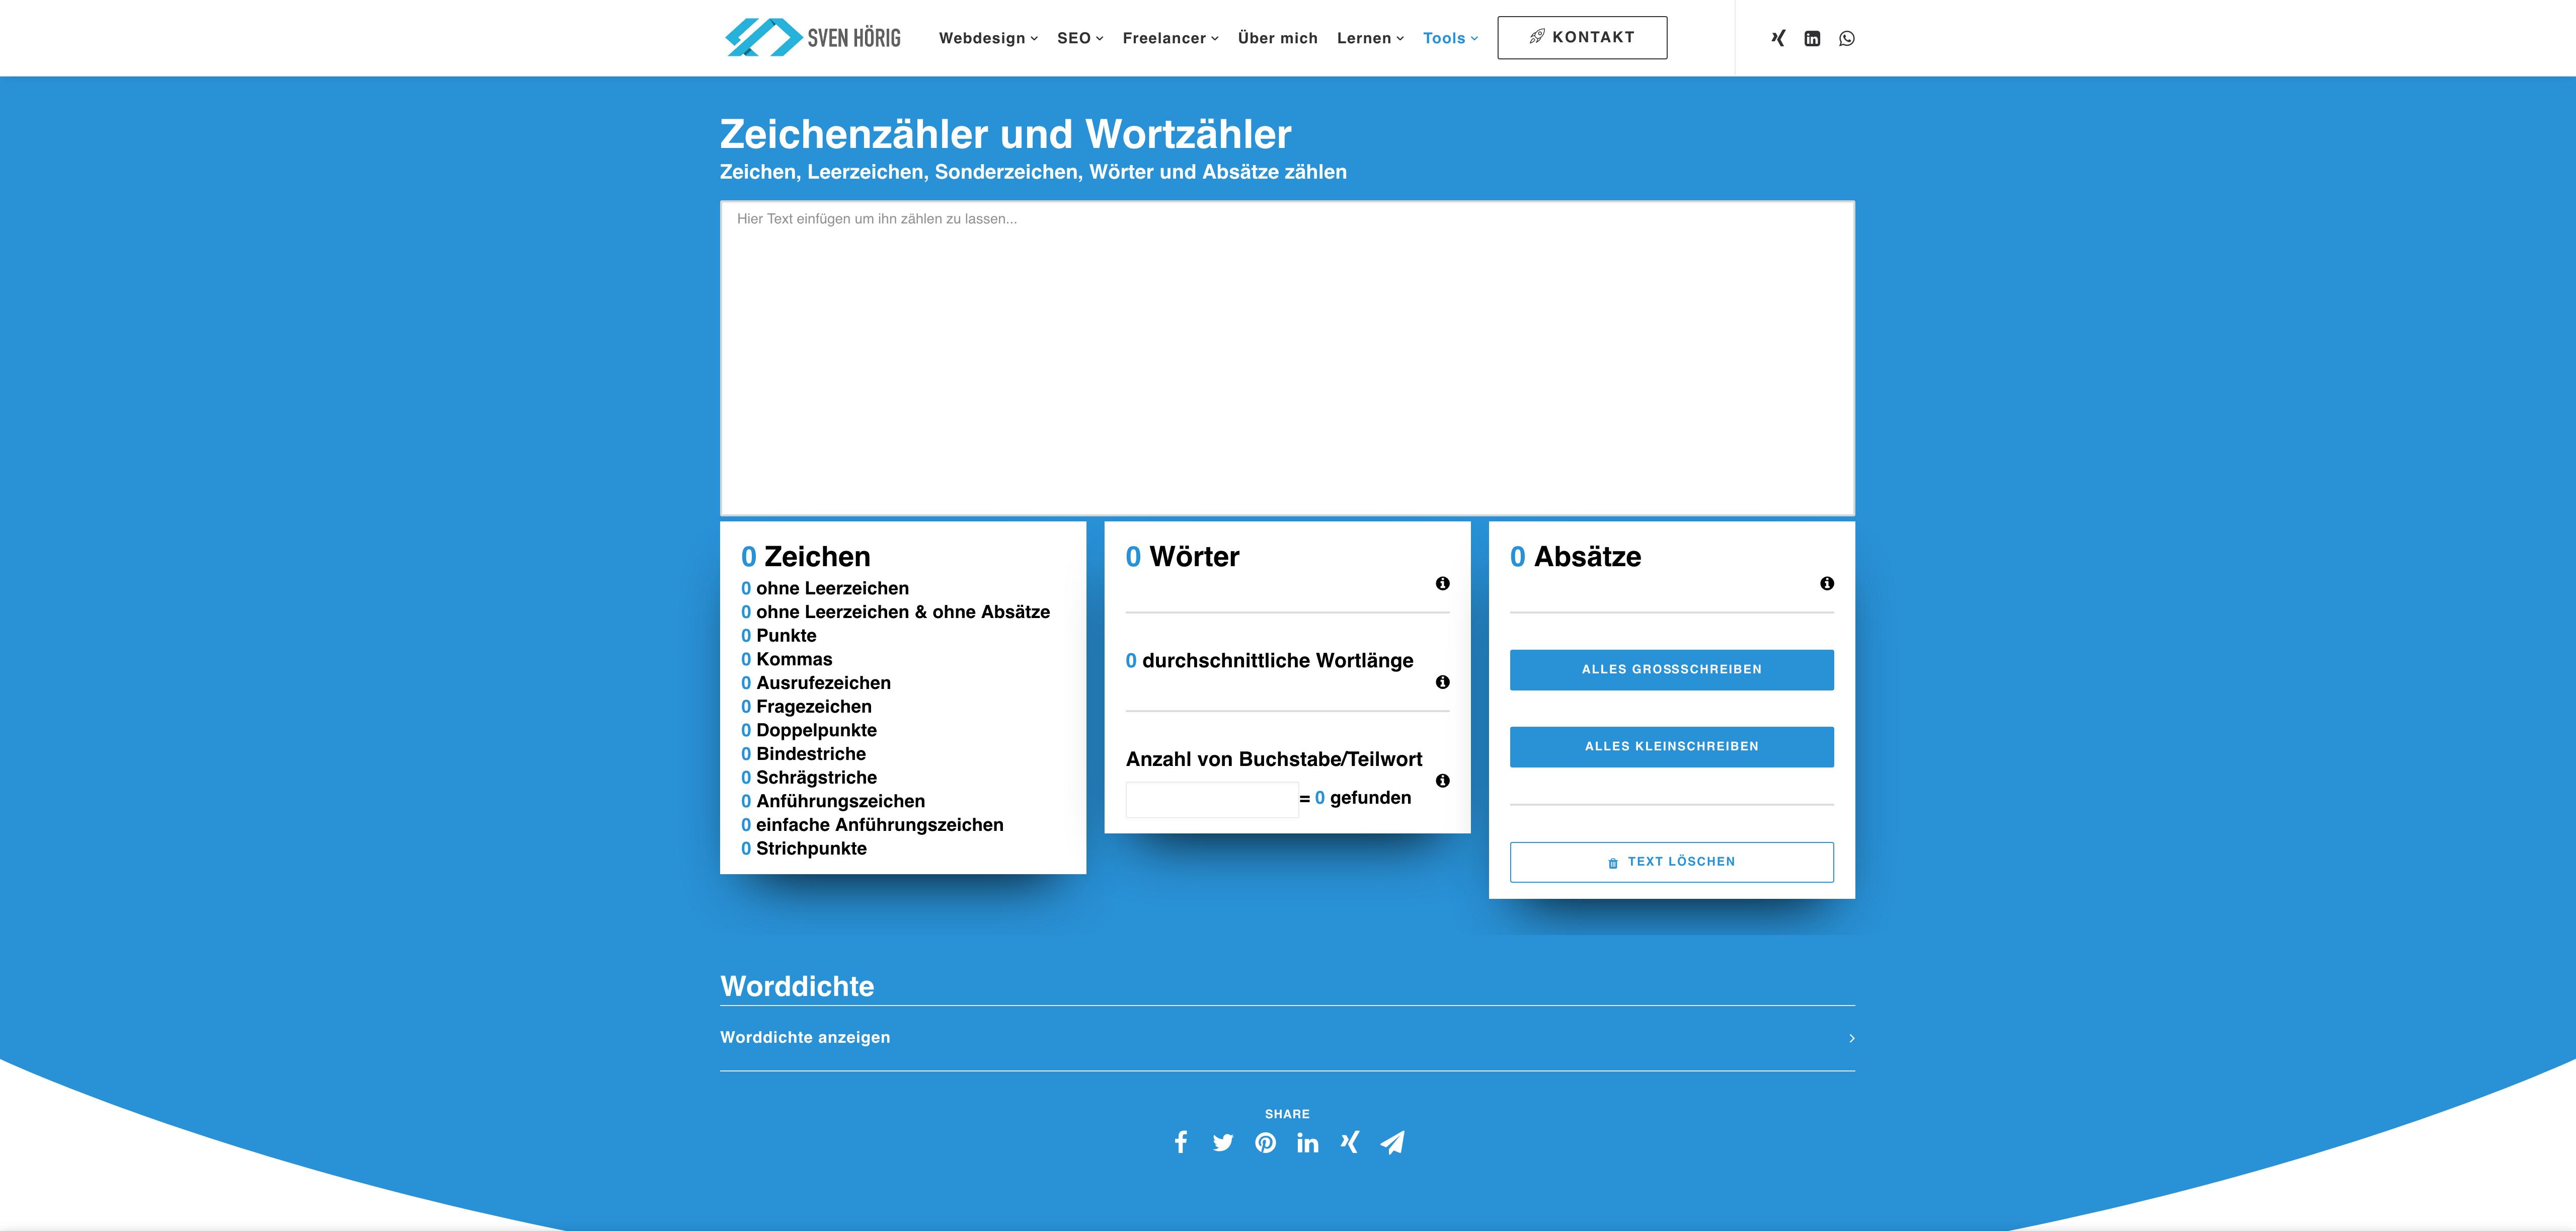 zeichenzaehler-seo-ranking-tool